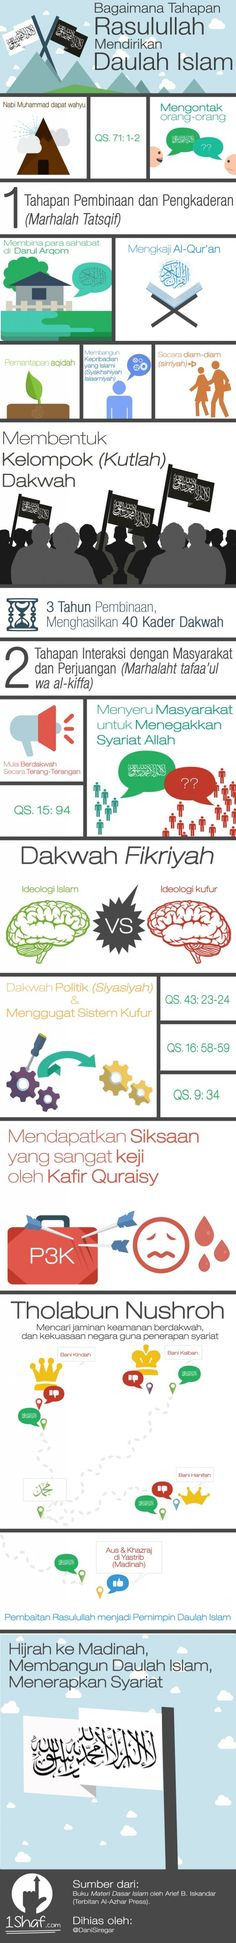 Bagaimana Tahapan Rasulullah Mendirikan Daulah Islam - Get to know the method, and apply to restore Khilafah/Calliphate today.